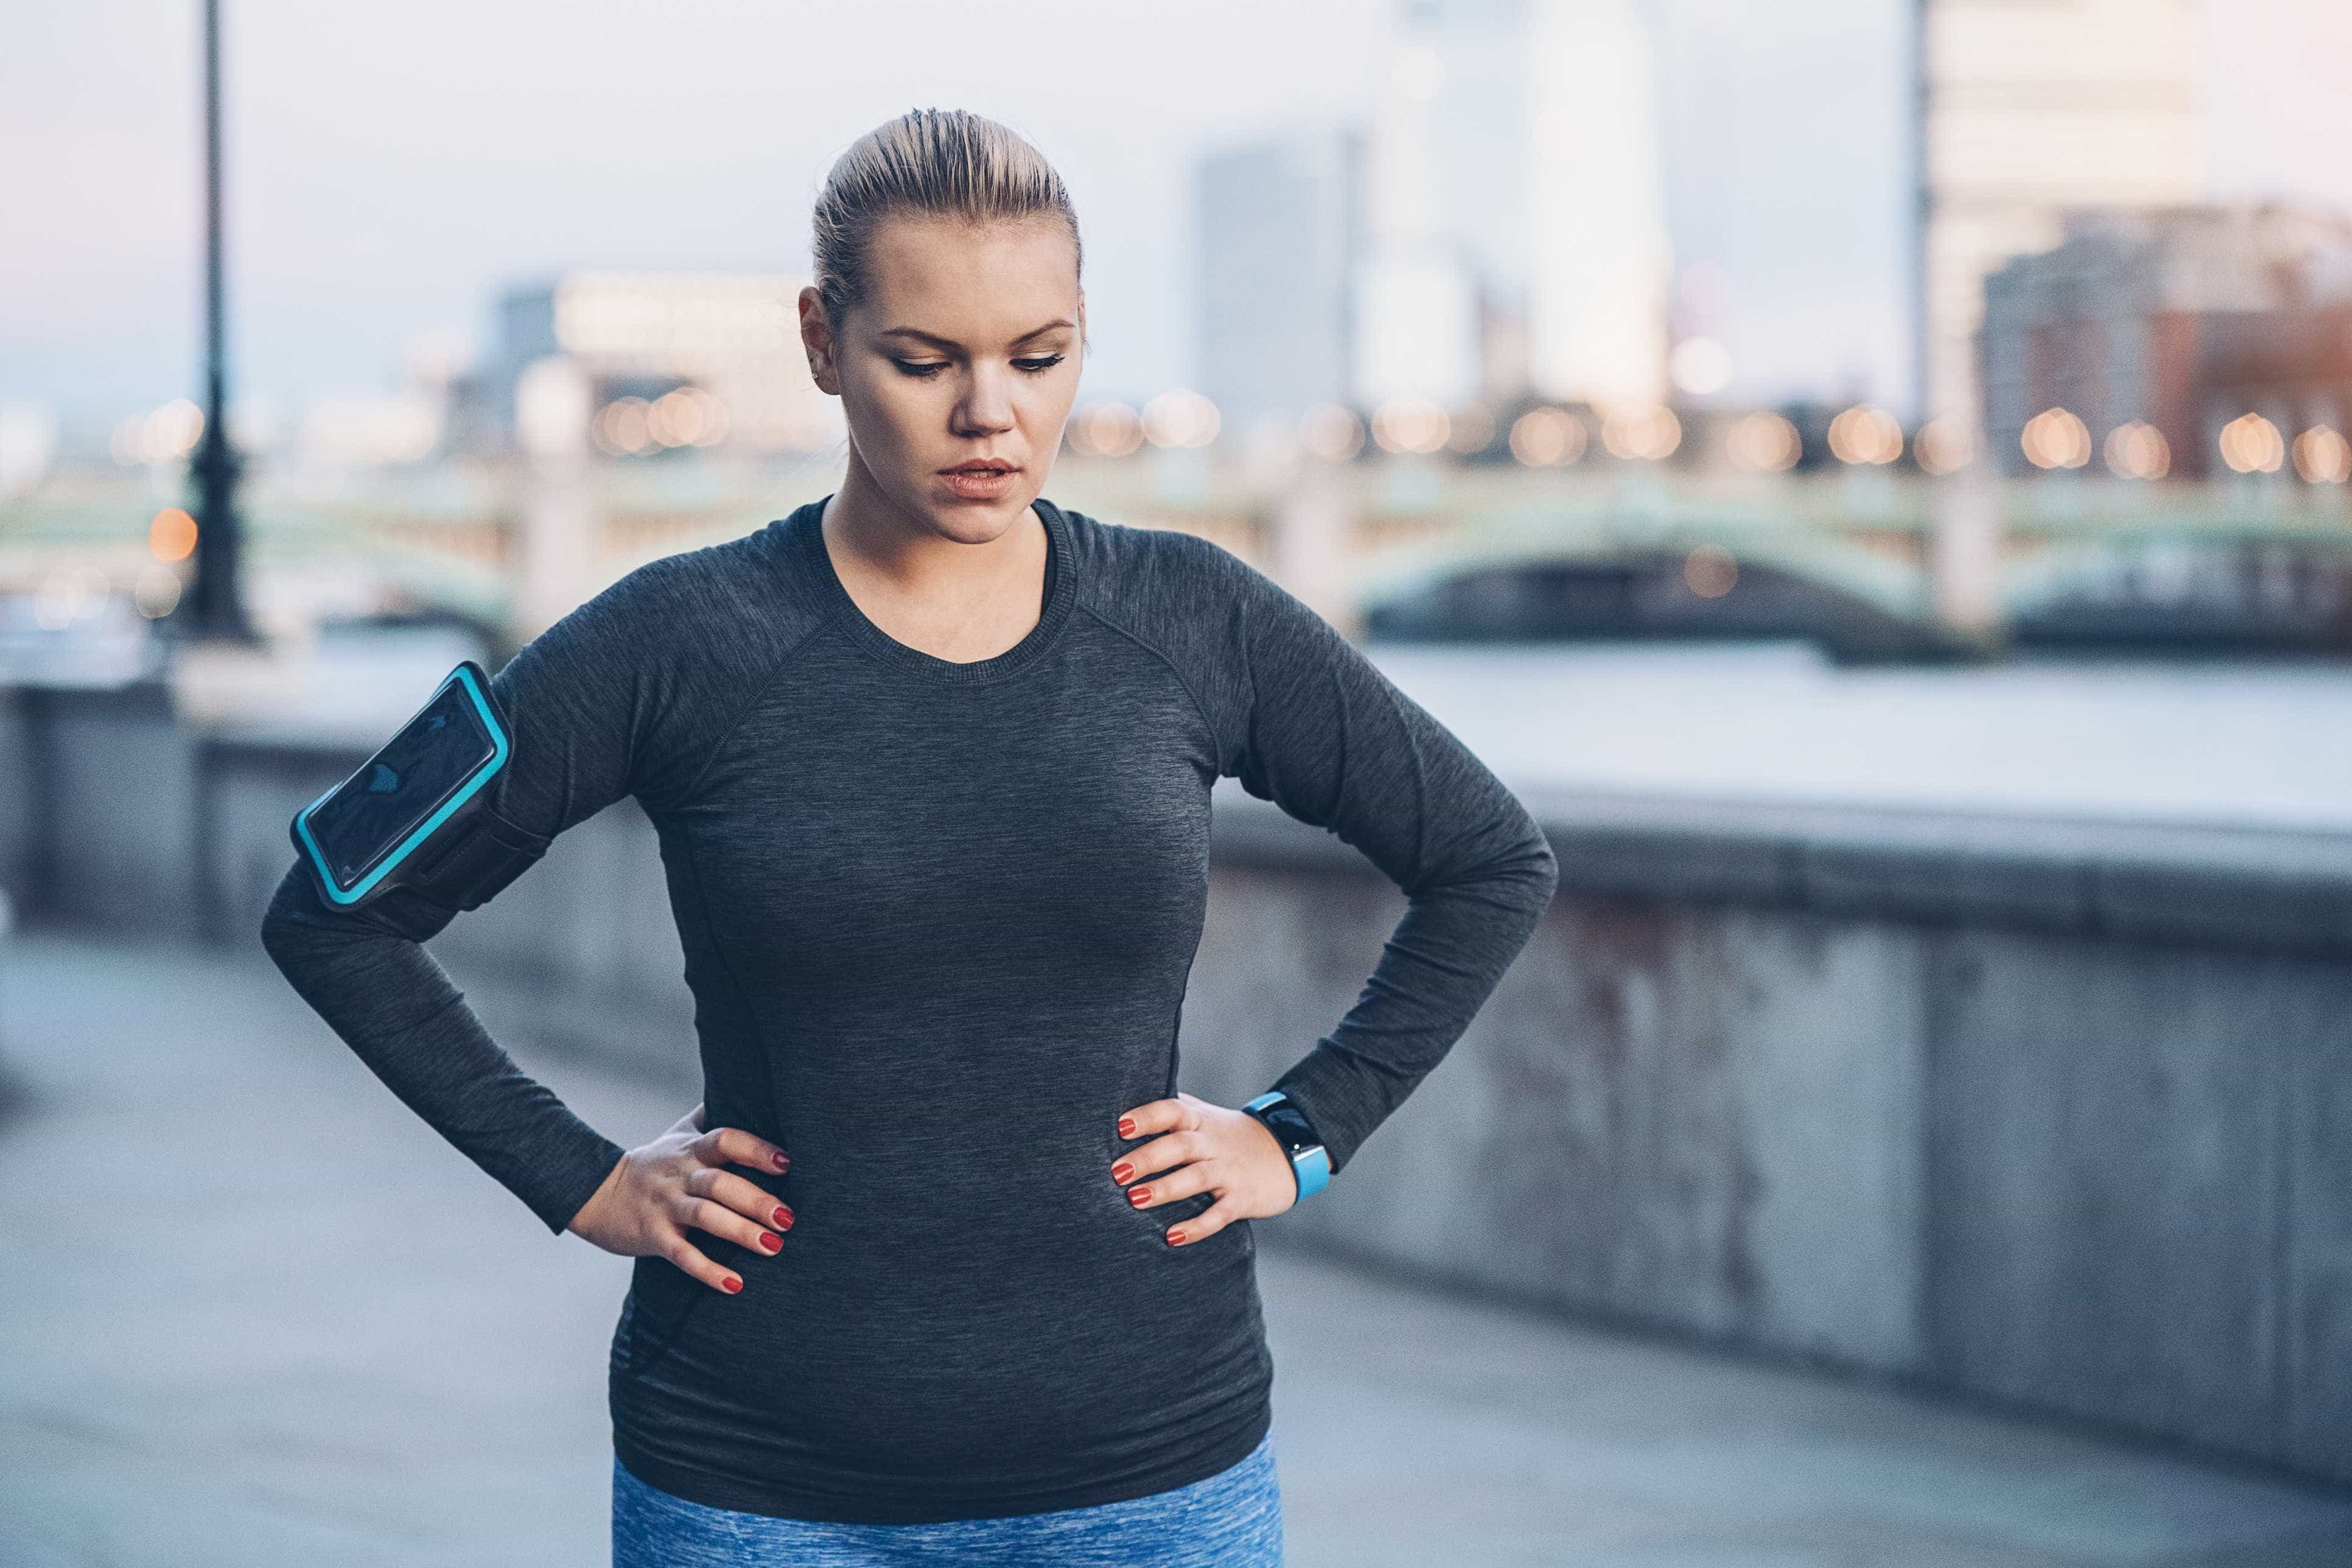 Mulheres com esta preferência sexual estão mais propensas à obesidade